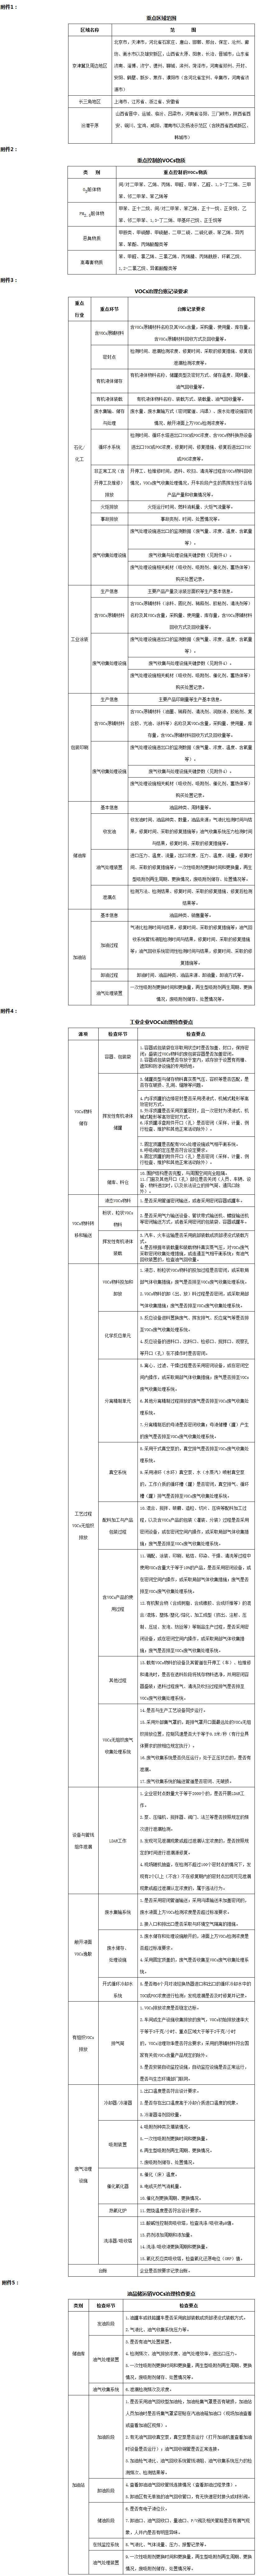 环大气〔2019〕53号《生态环境部关于印发〈重点行业挥发性有机物综合治理方案〉的通知》